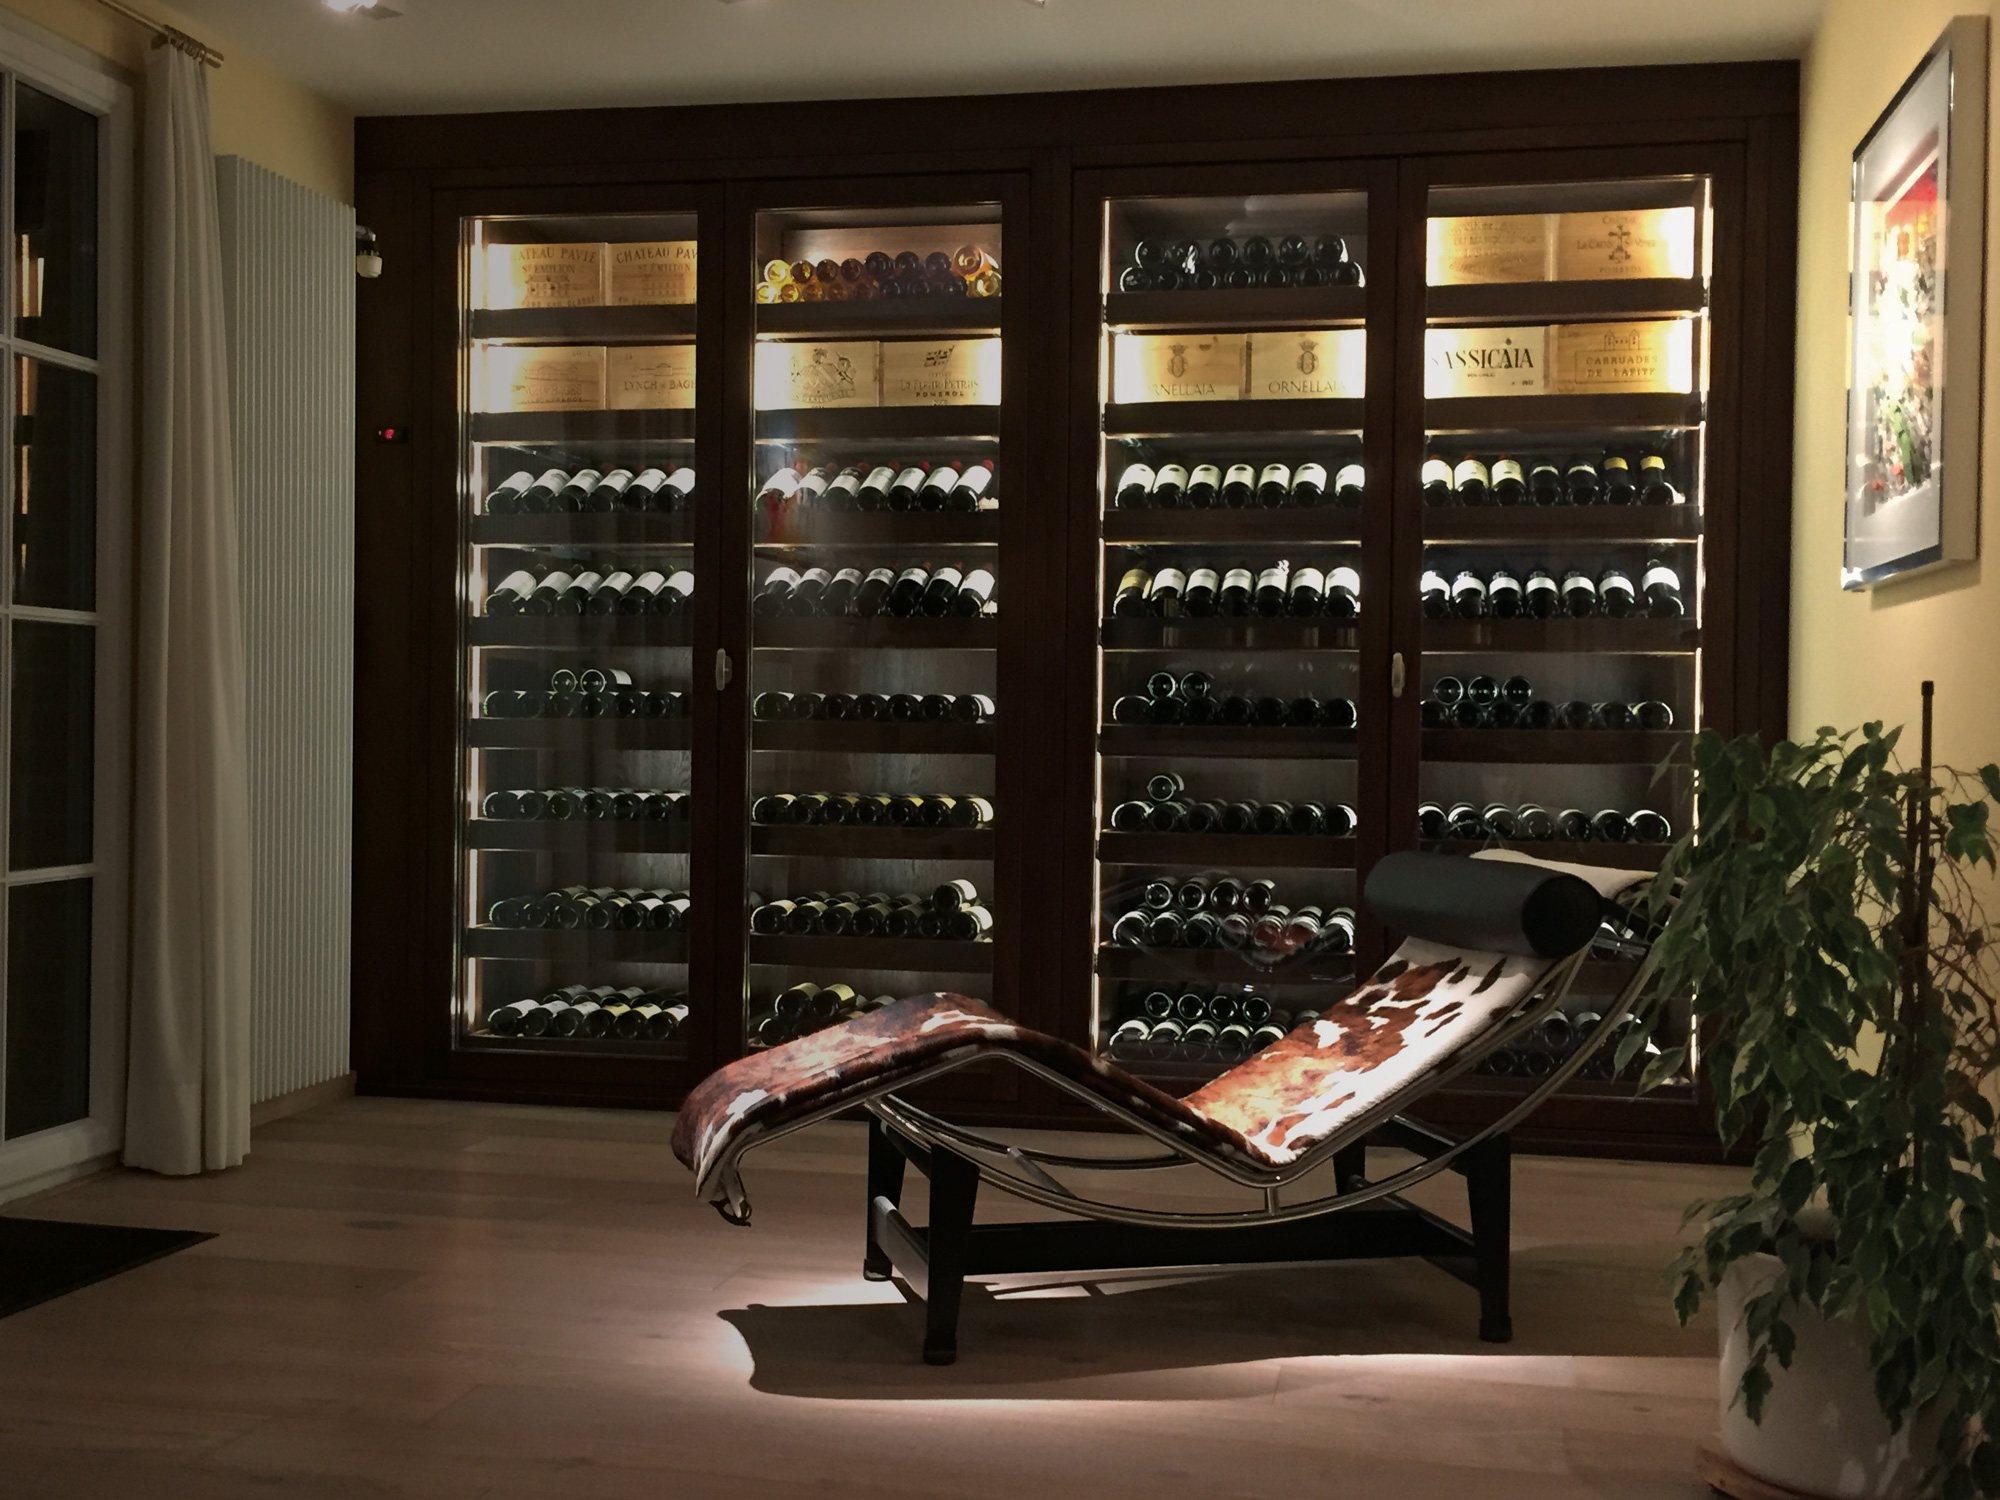 Une Cave A Vin winemaster - climatiseurs de cave à vins fabriqués en france